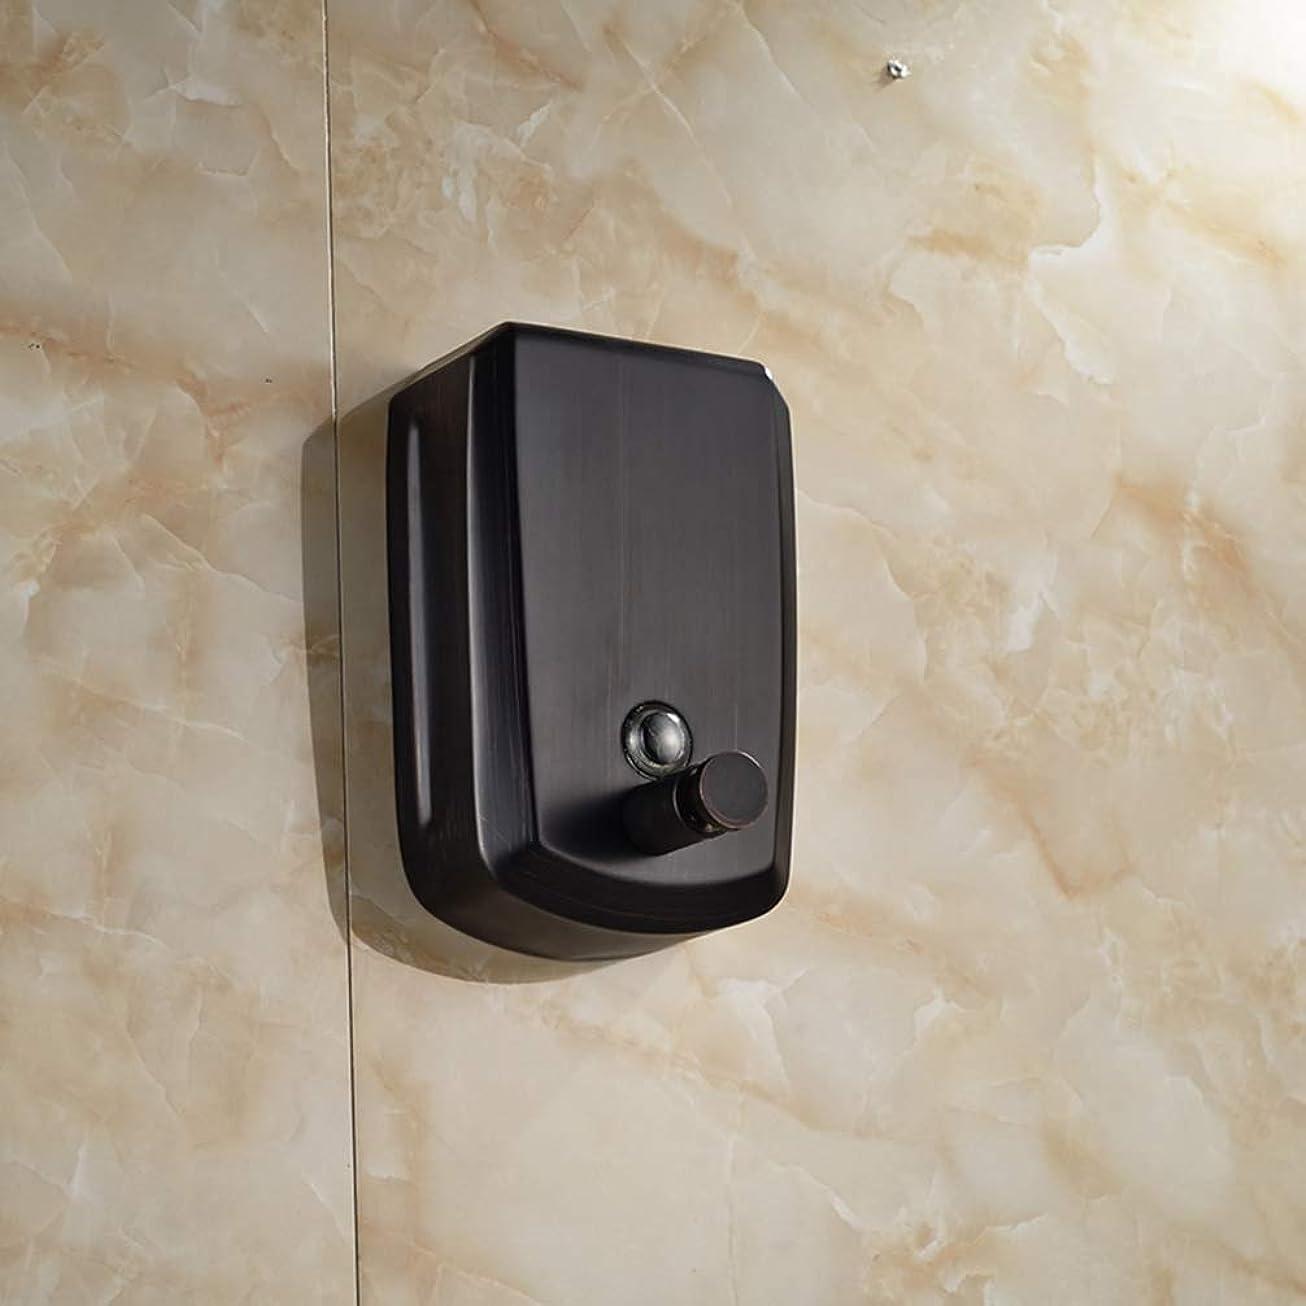 レンチ翻訳する王子LUDSUY Oil Rubbed Bronze 800ml Bathroom Soap Dispenser Liquid Soap Pump Lotion DispenserBathroom accessories